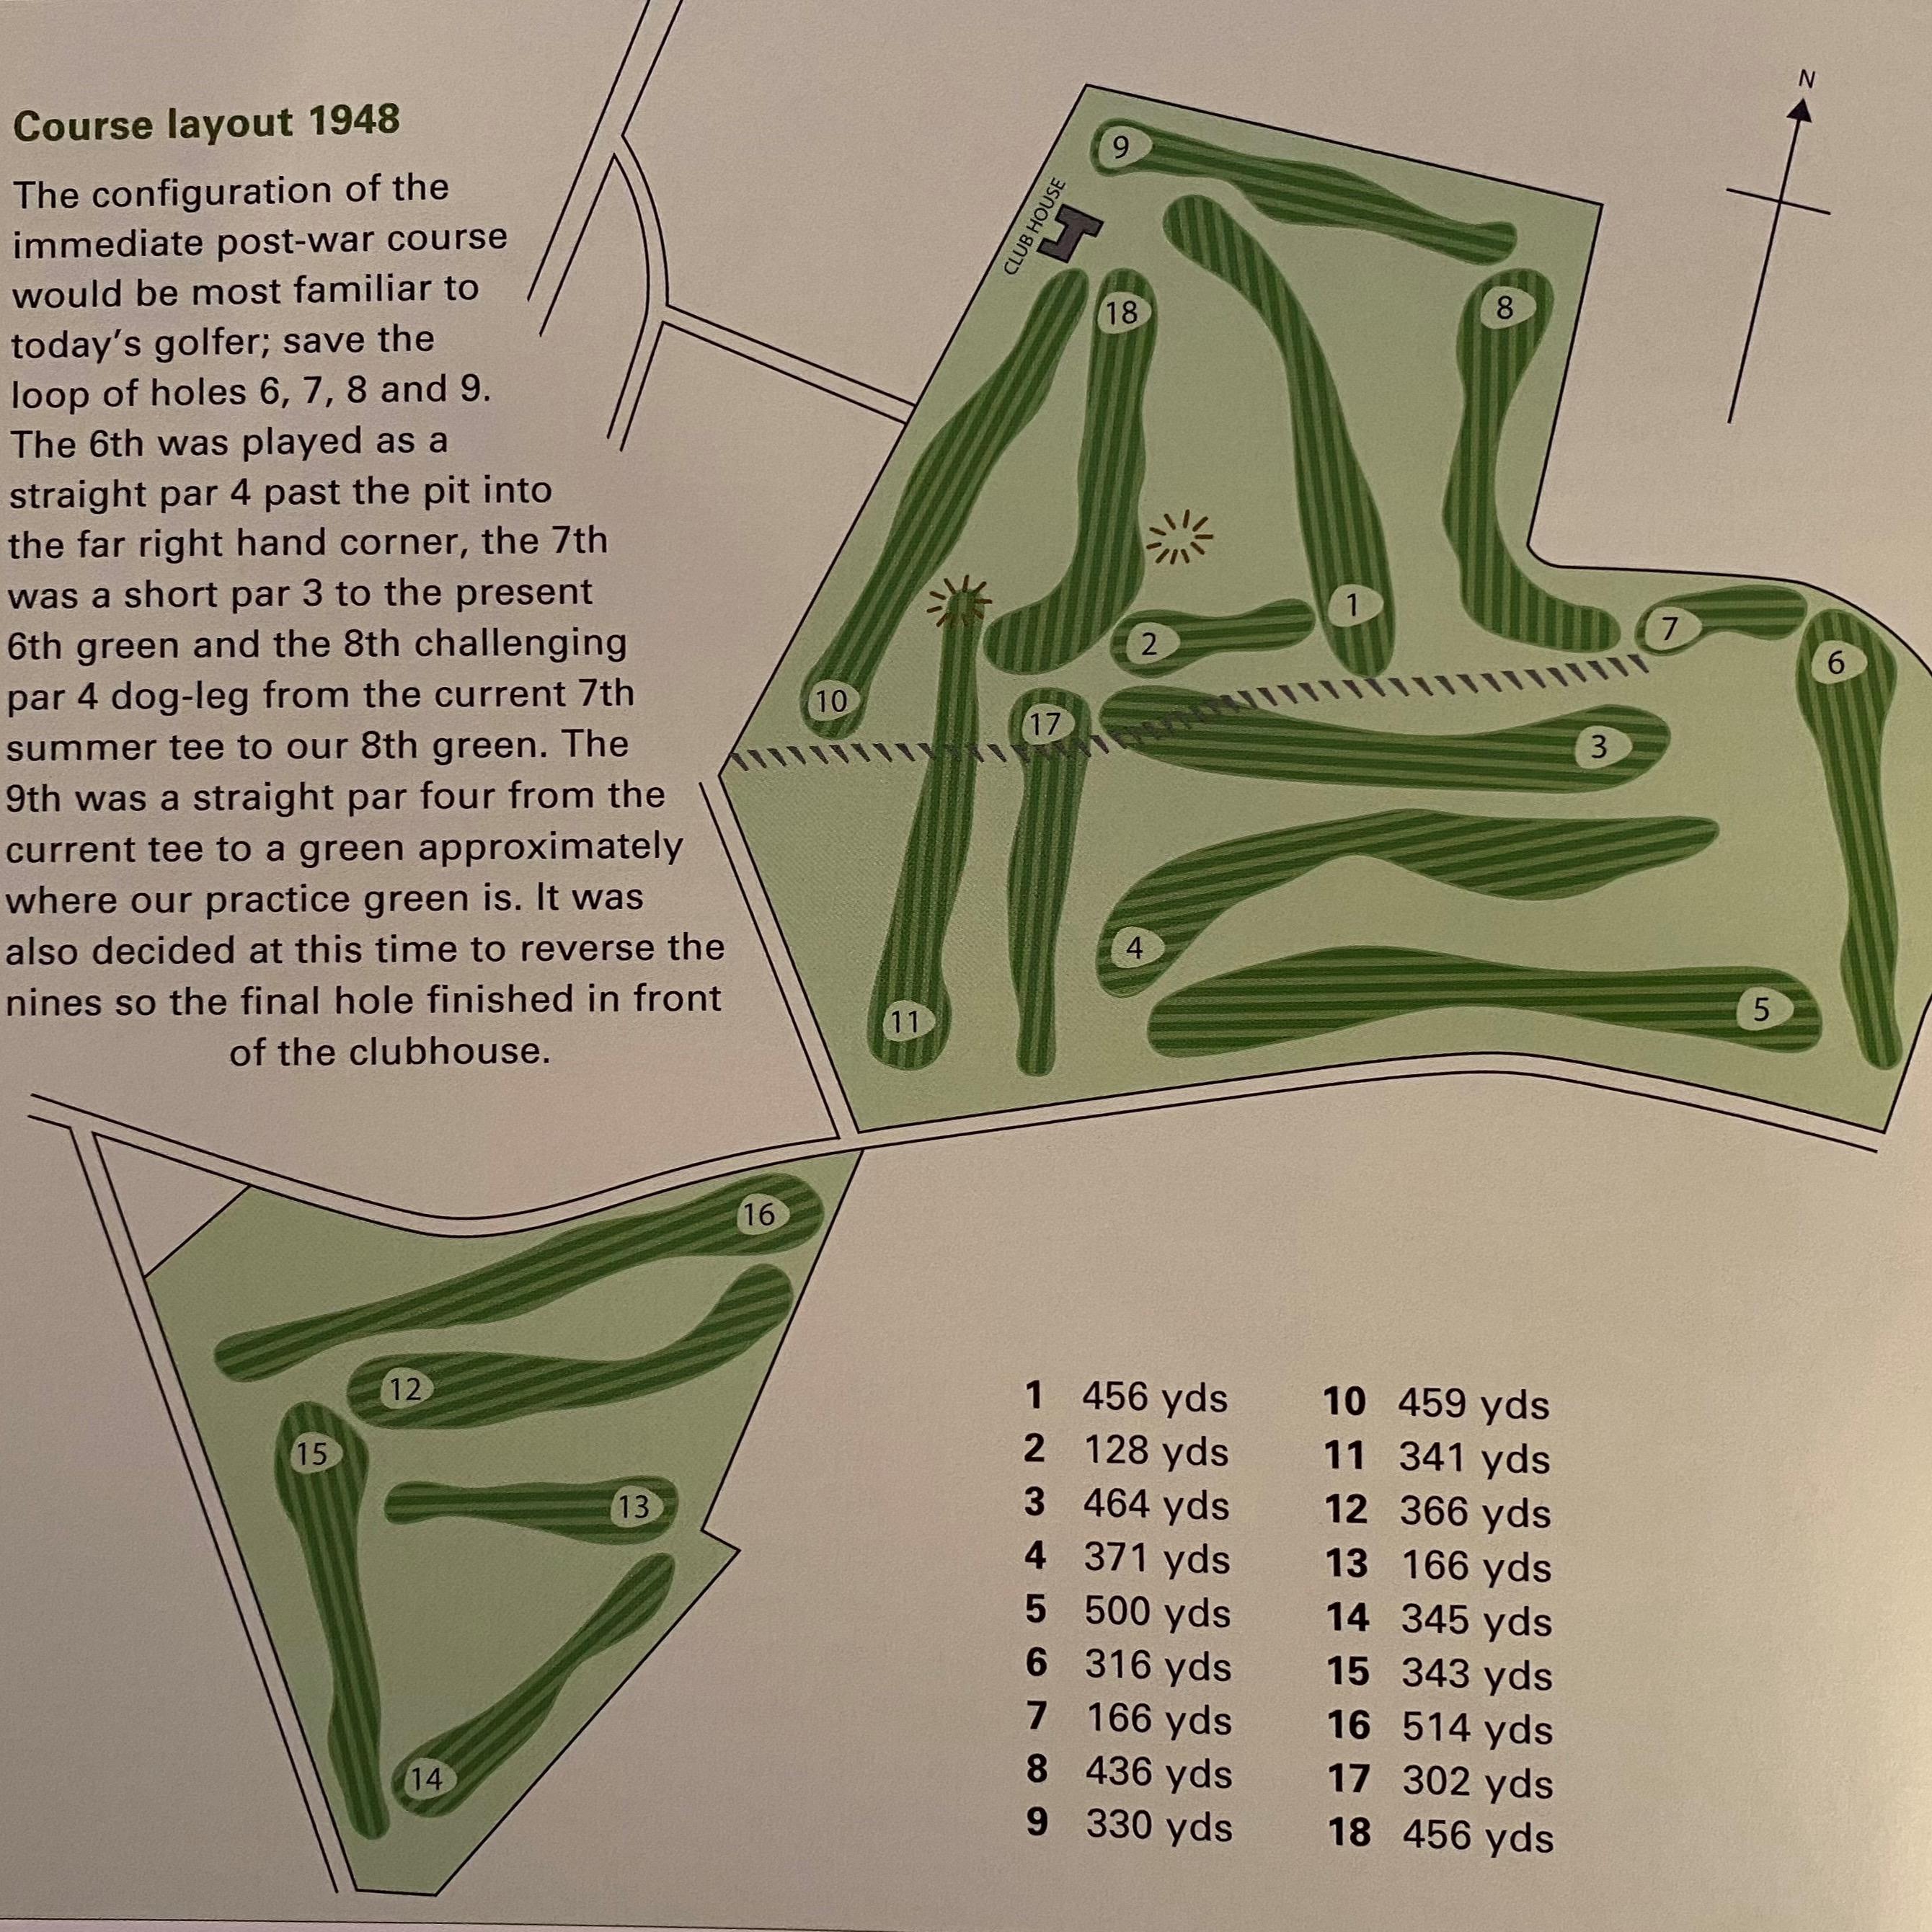 1948 Golf Course